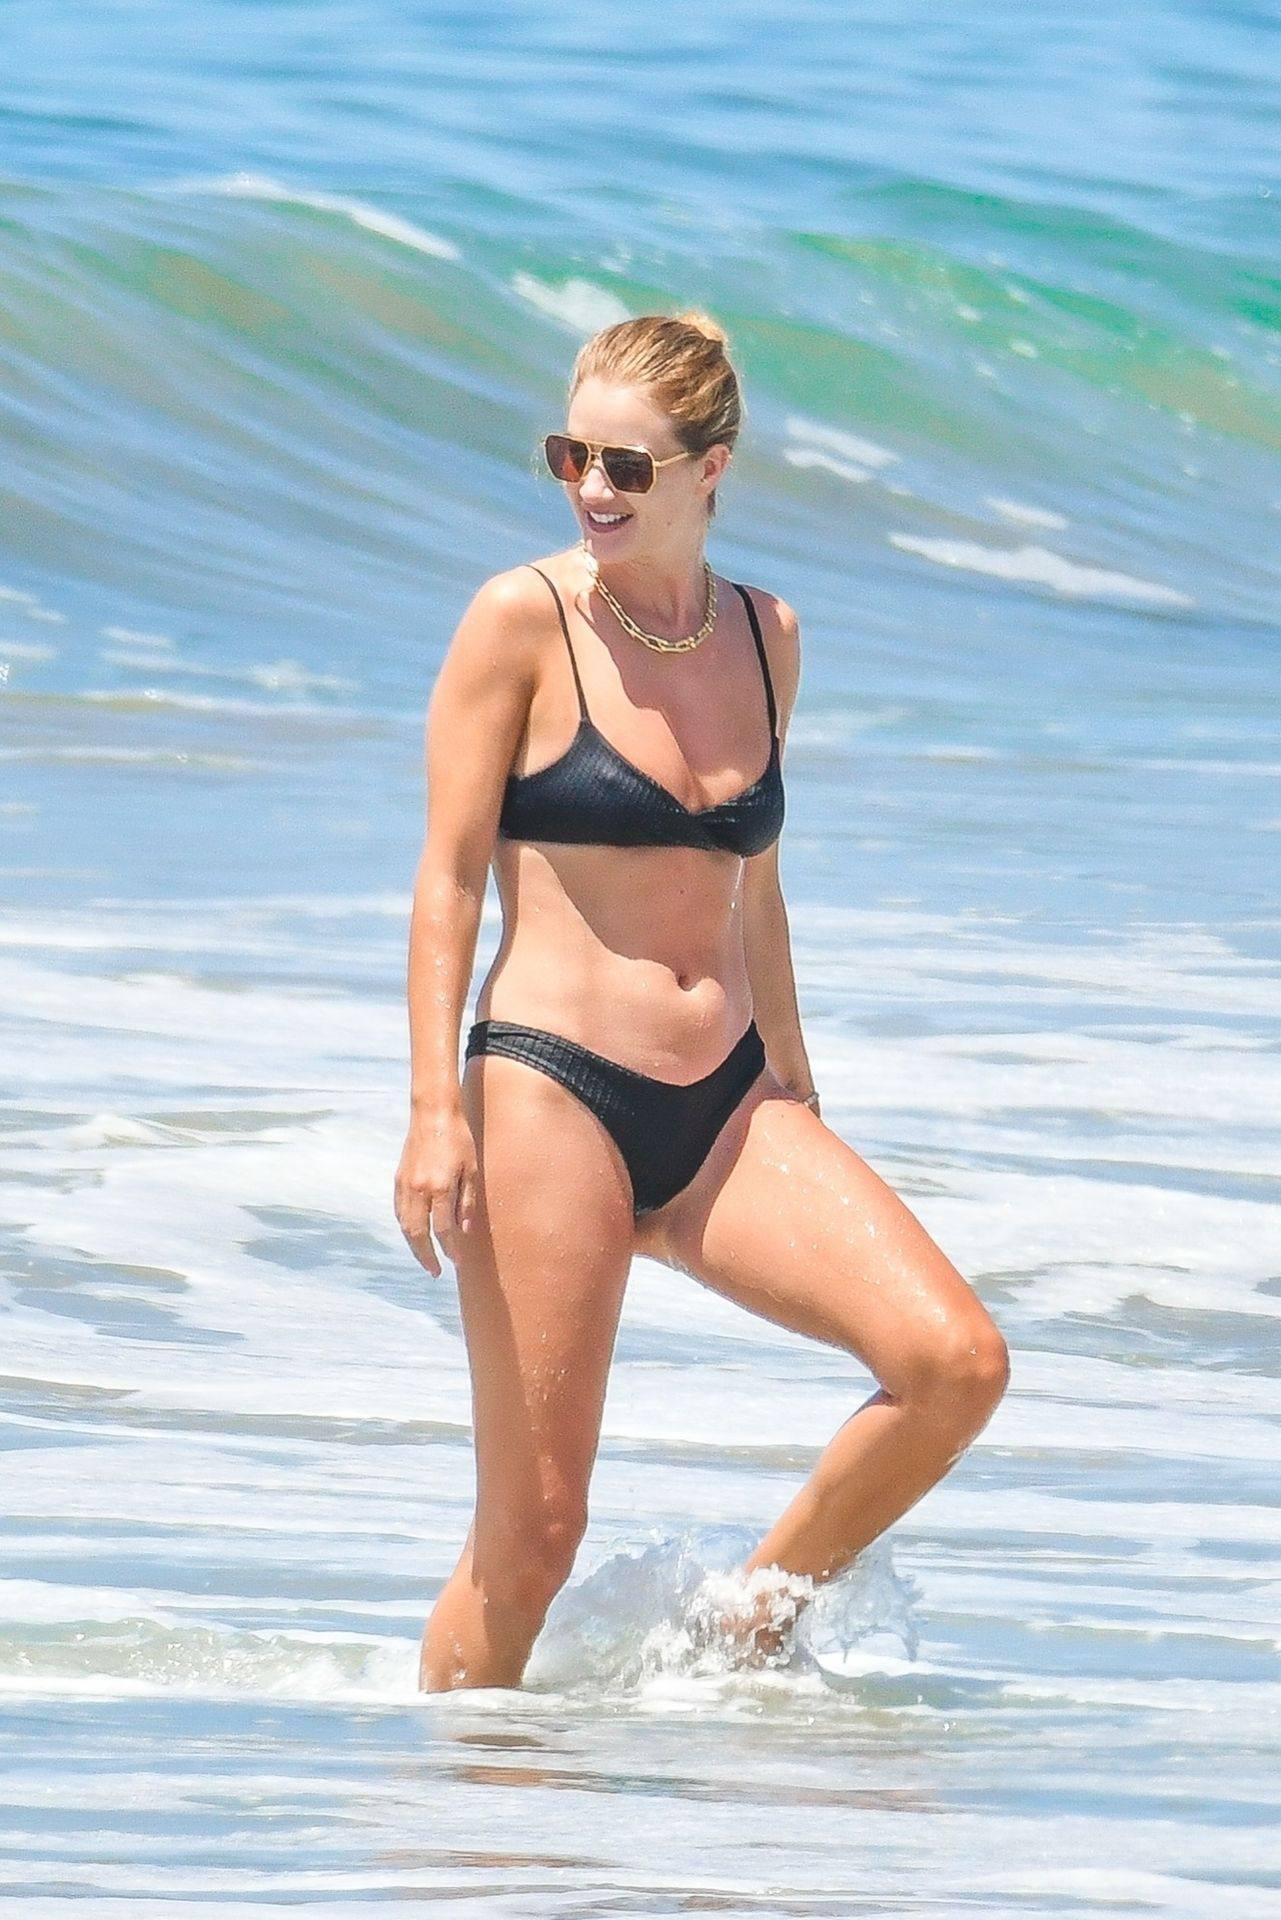 Rosie Huntington Whiteley – Beautiful Ass In Thong Bikini In Malibu 0025